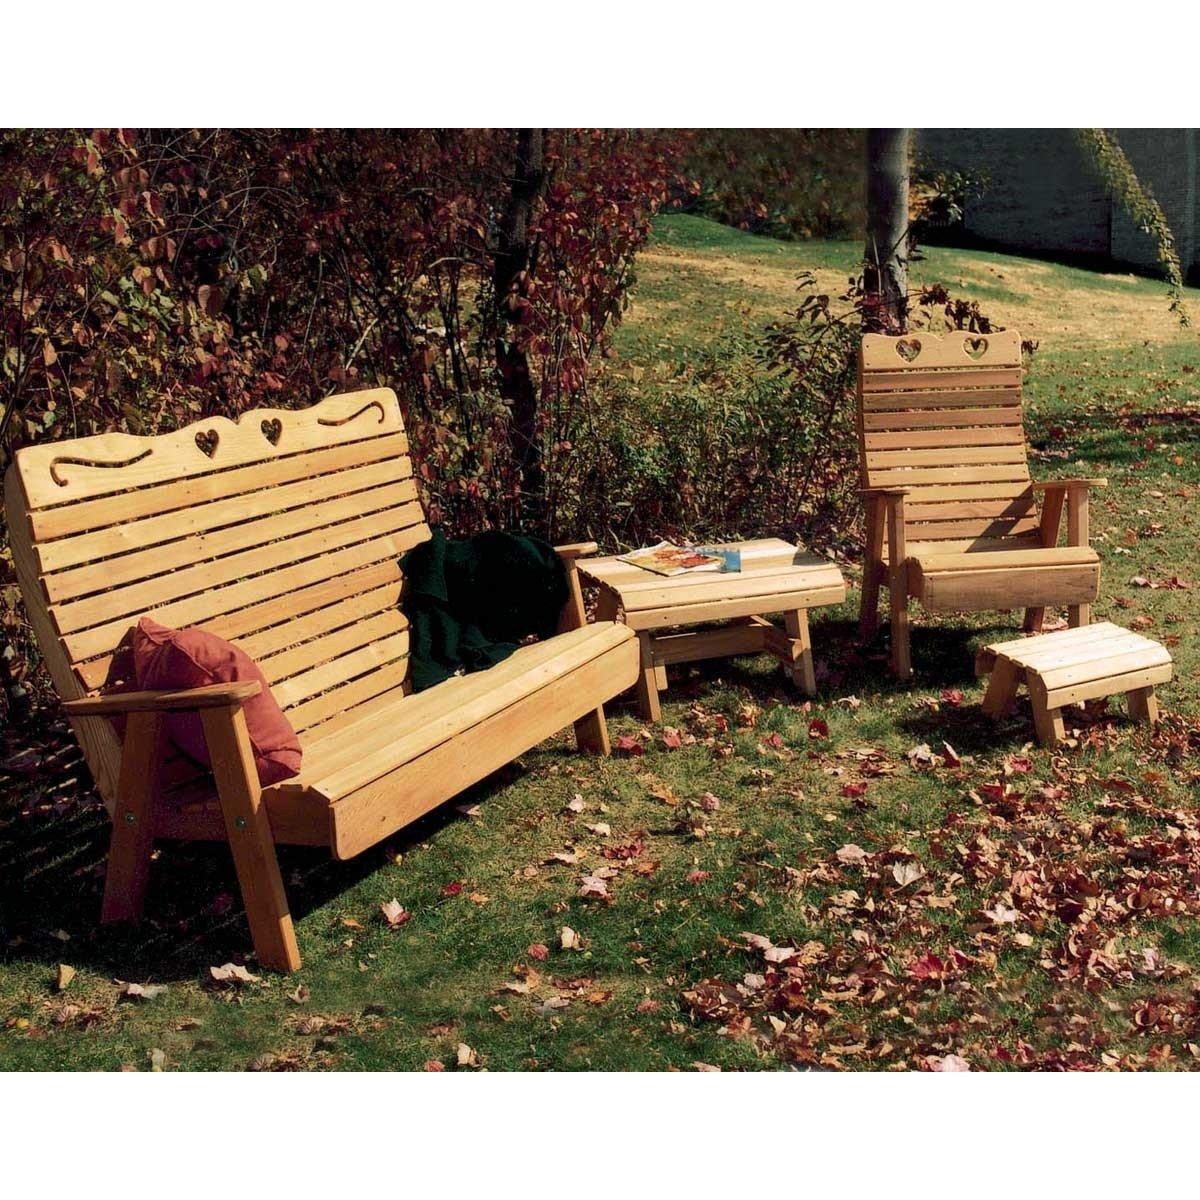 Creekvine Designs Cedar Royal Outdoor Patio Set